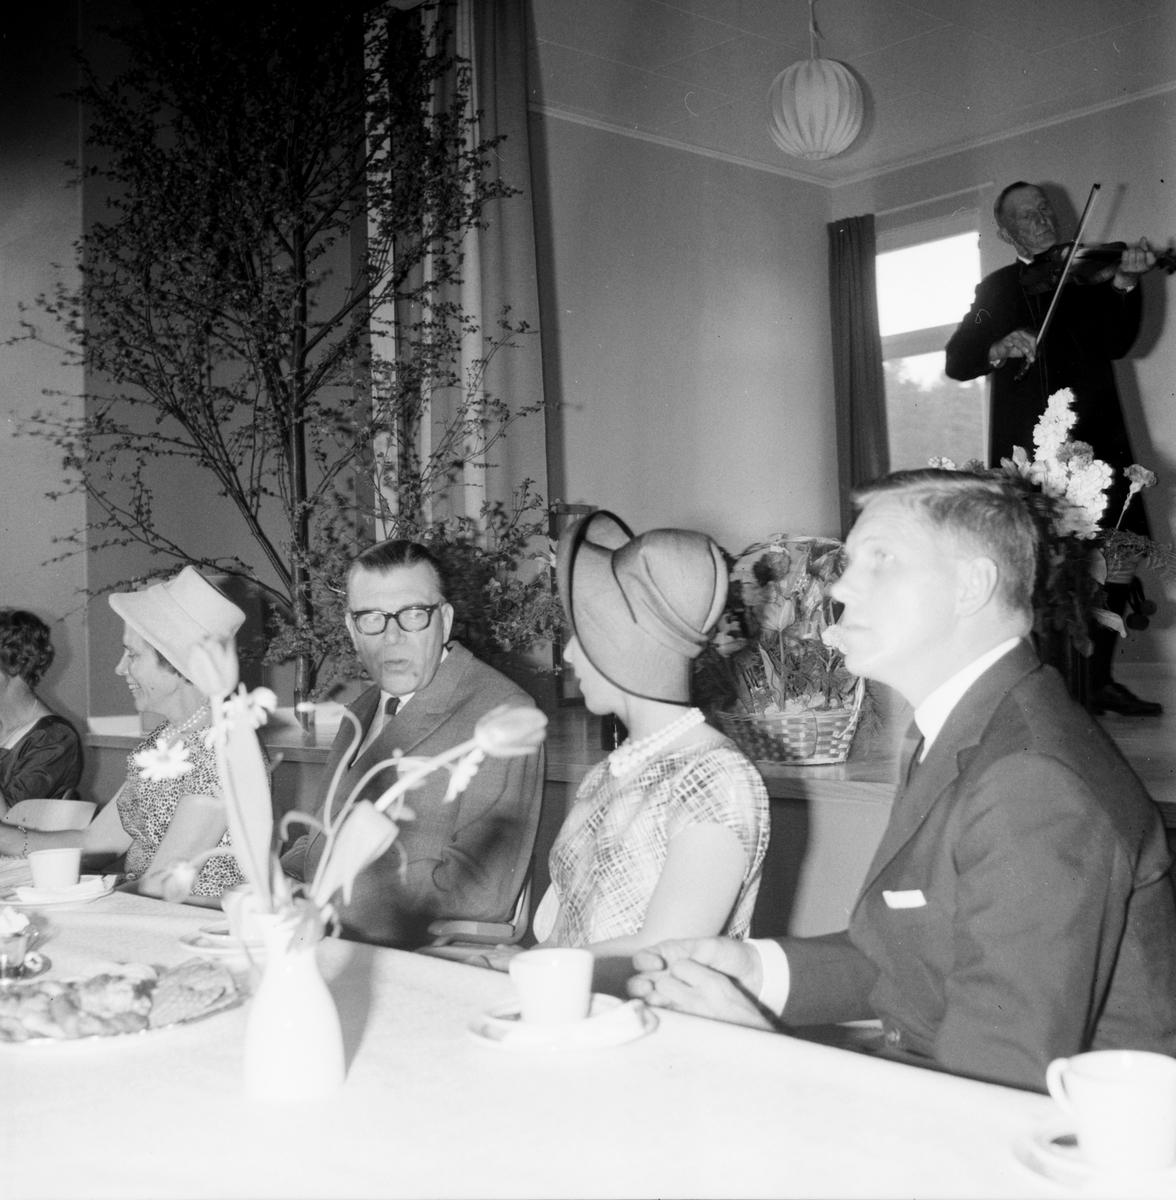 Svabensverk, Invigning av bygdegård, 26 Maj 1965